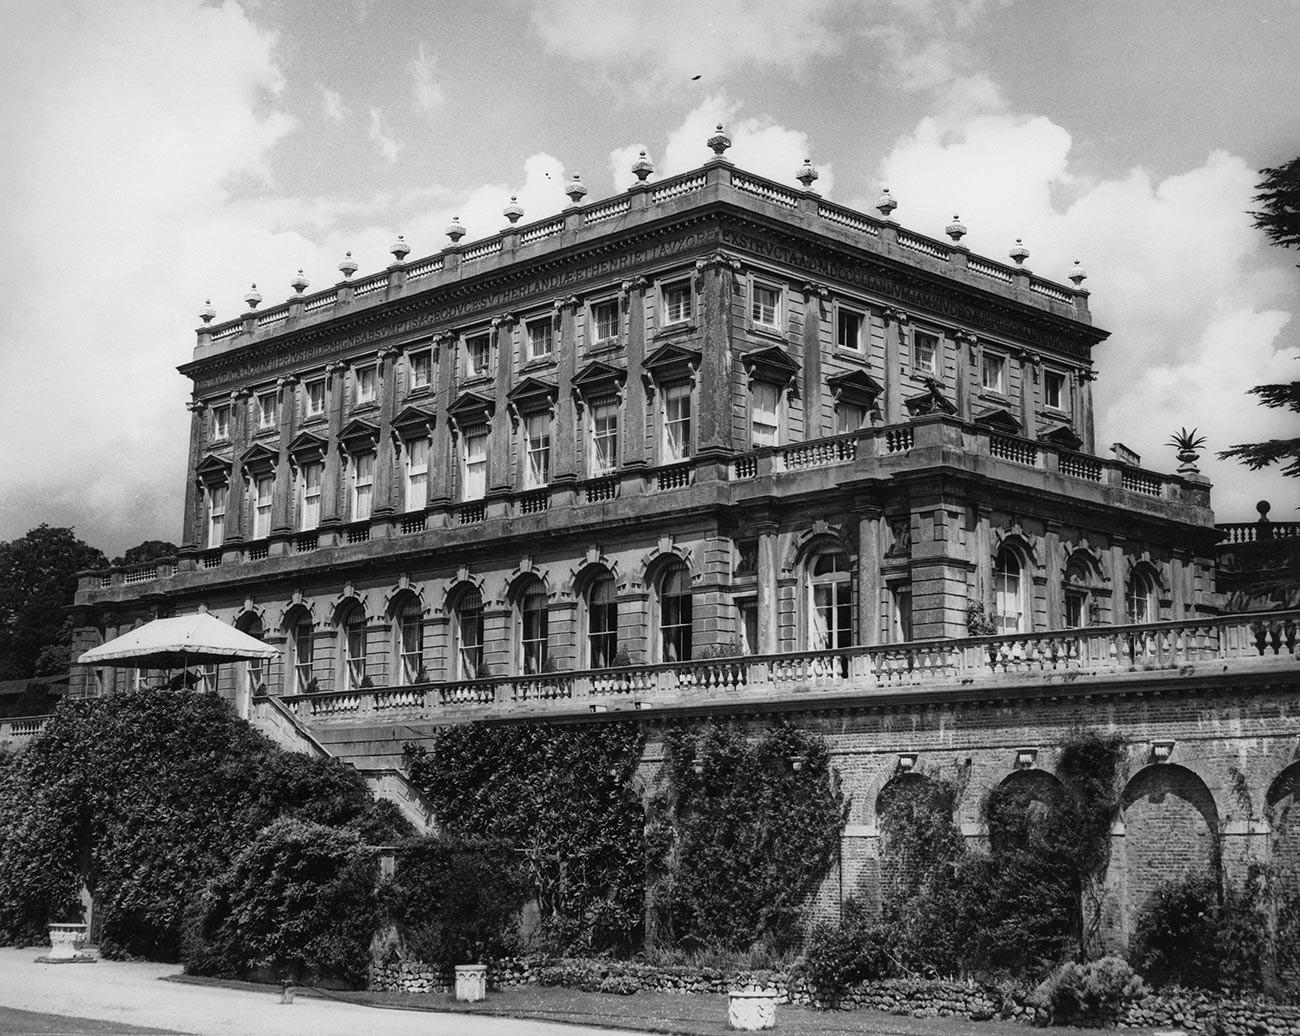 La residenza di campagna Cliveden, nella contea di Buckinghamshire, nell'Inghilterra sud-orientale. 28 giugno 1963